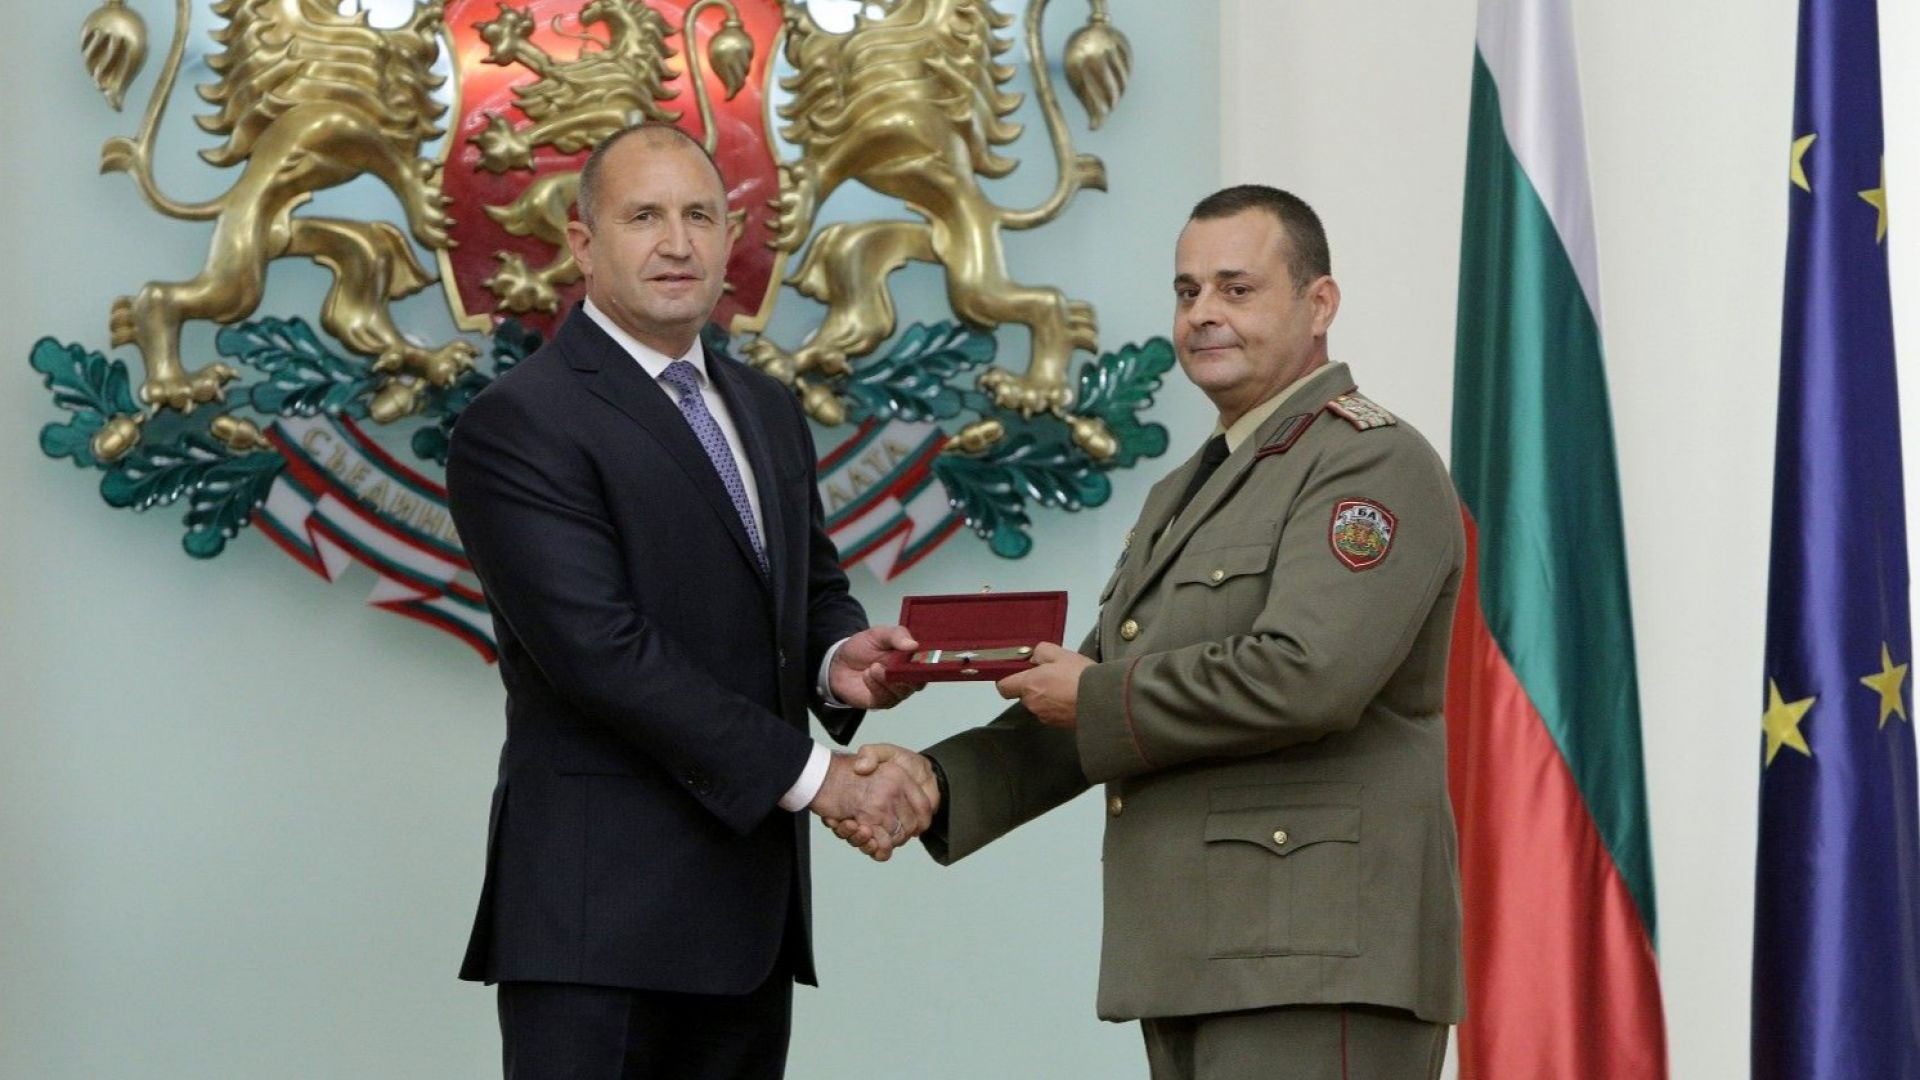 Президентът връчи генералските пагони на Станимир Христов